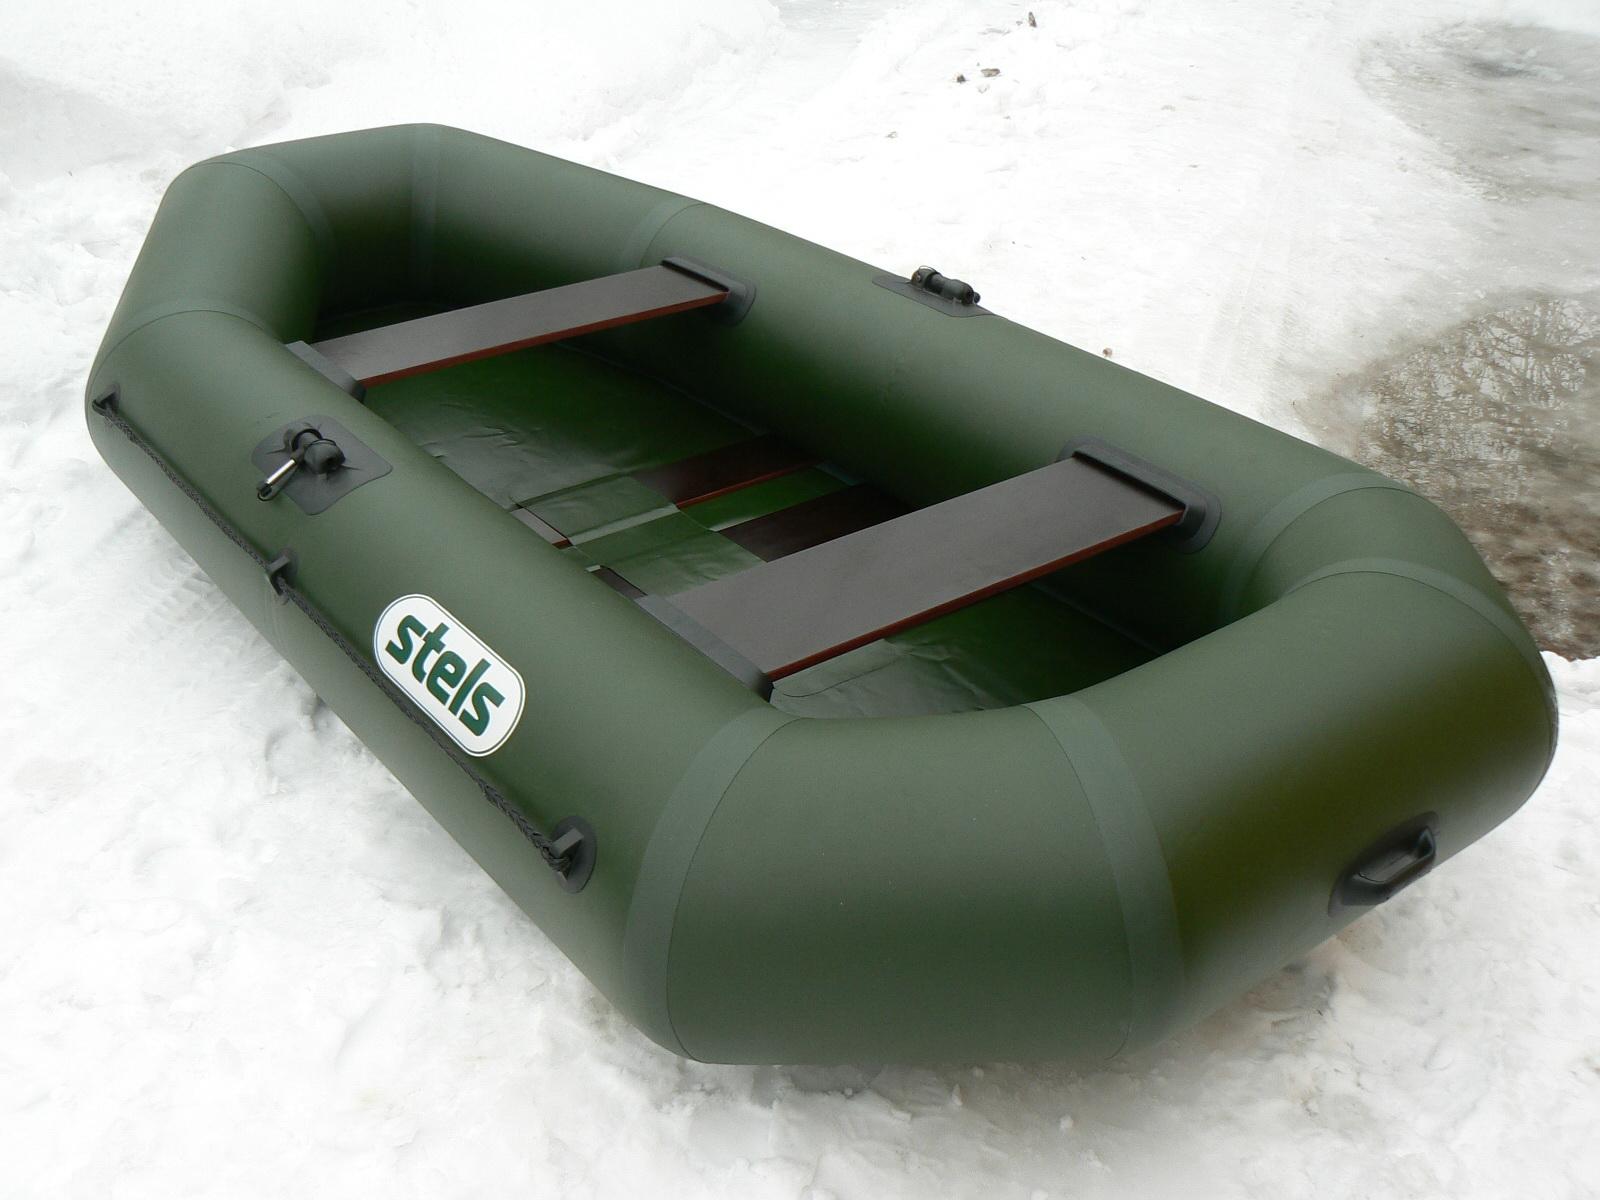 куплю лодку резиновую в биробиджане